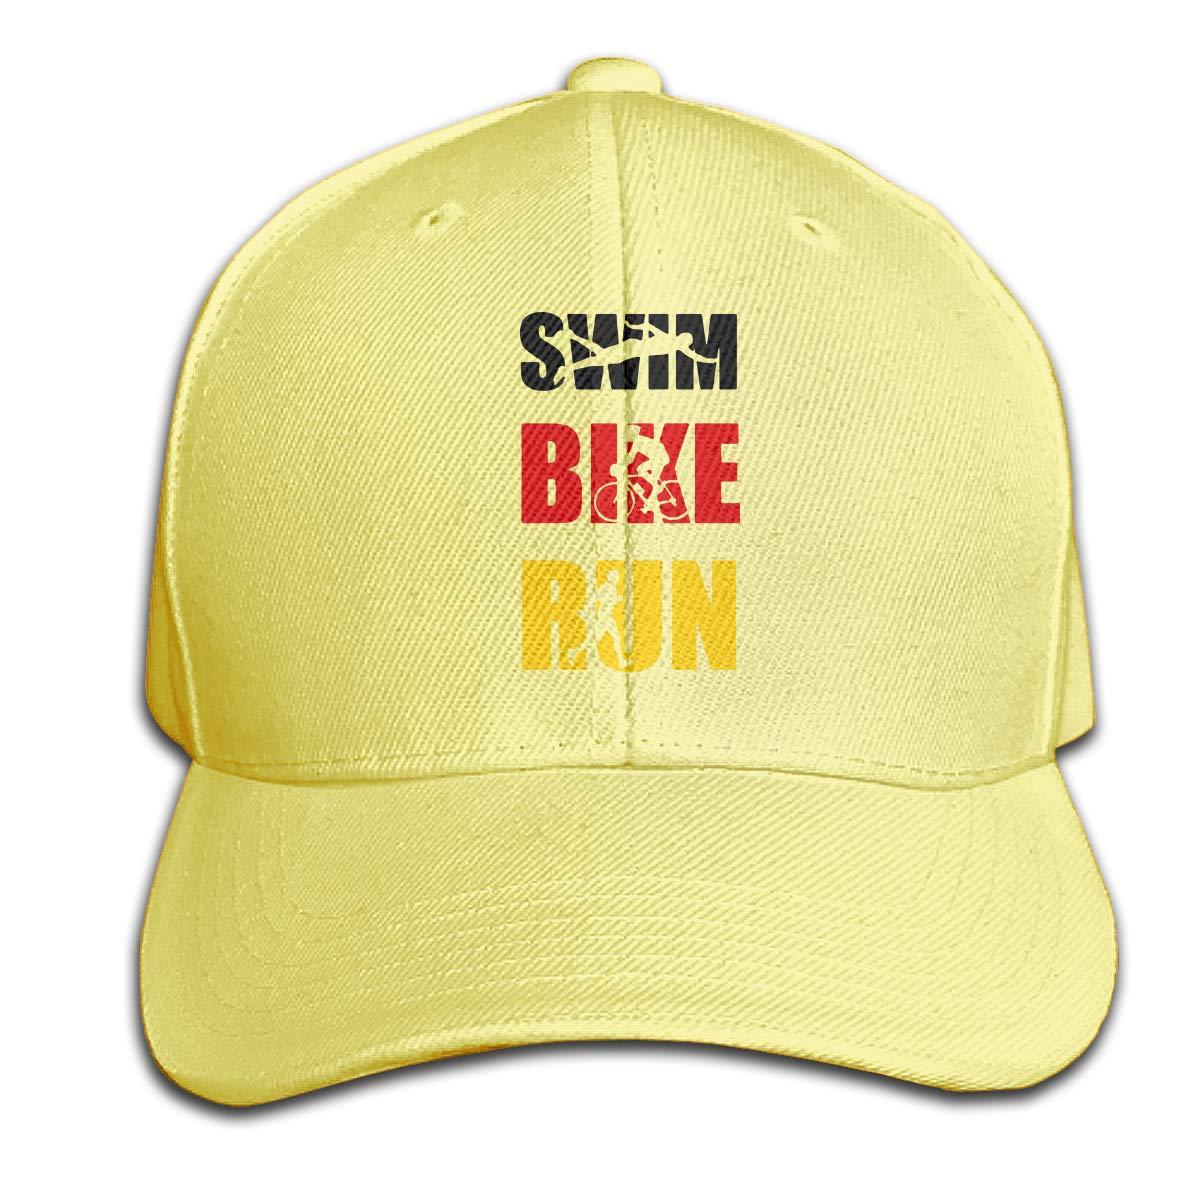 TAOHJS106 German Swim Bike Run Repeat Unisex Baseball Cap Adjustable Plain Hat for Women Men